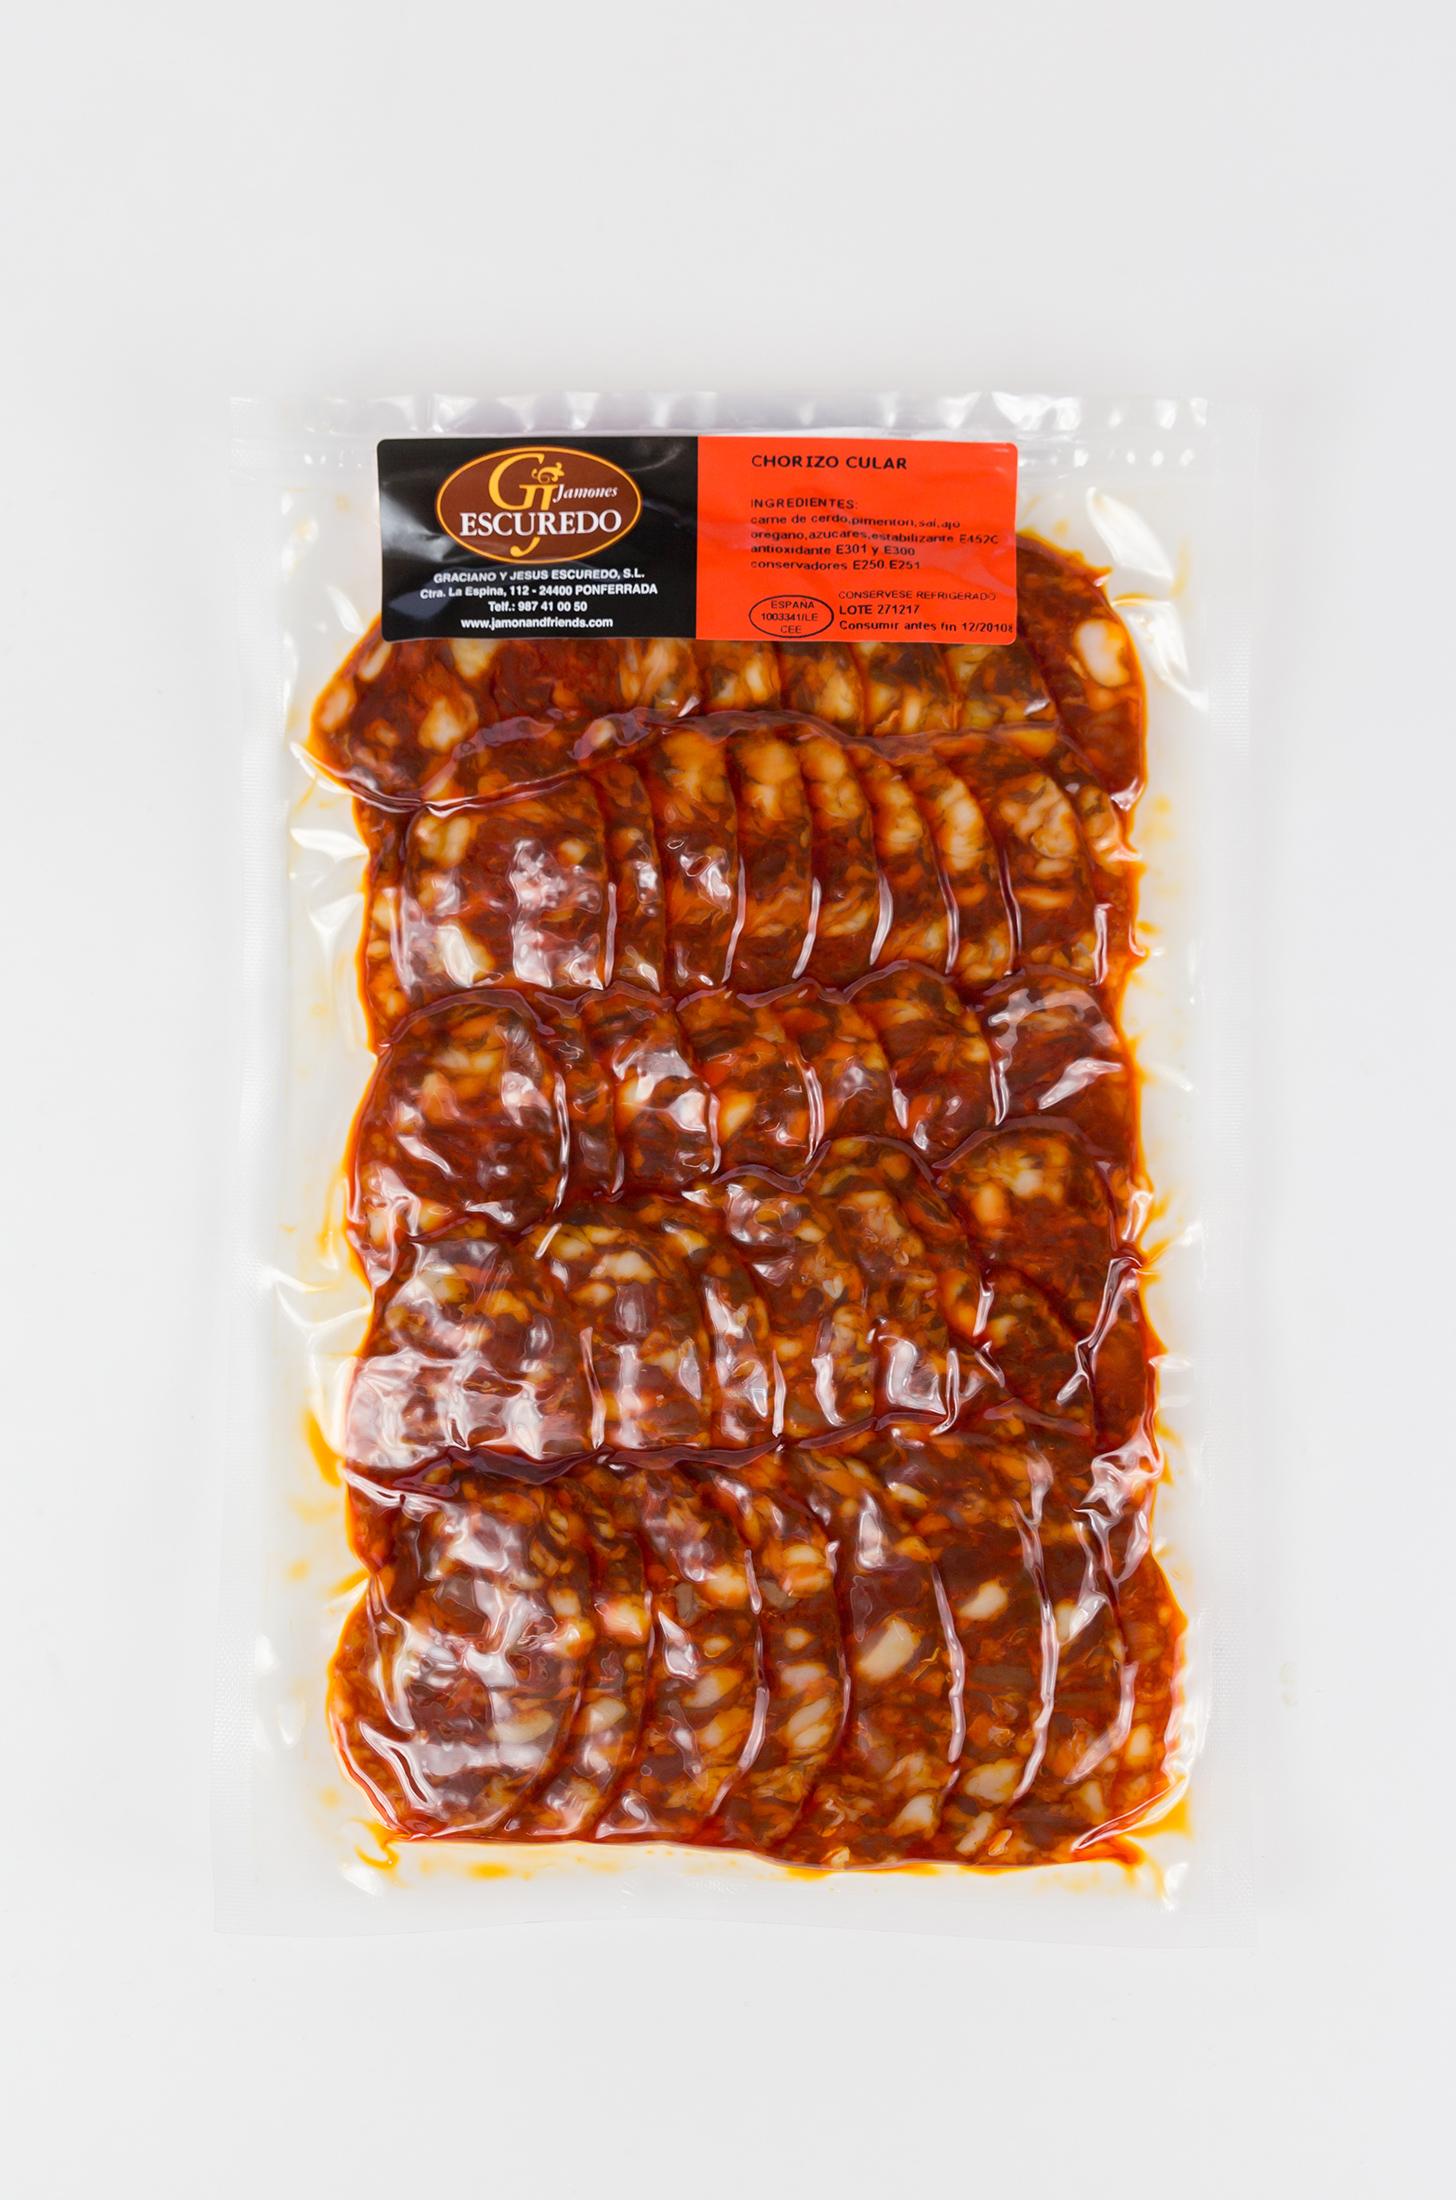 Chorizo cular loncheado